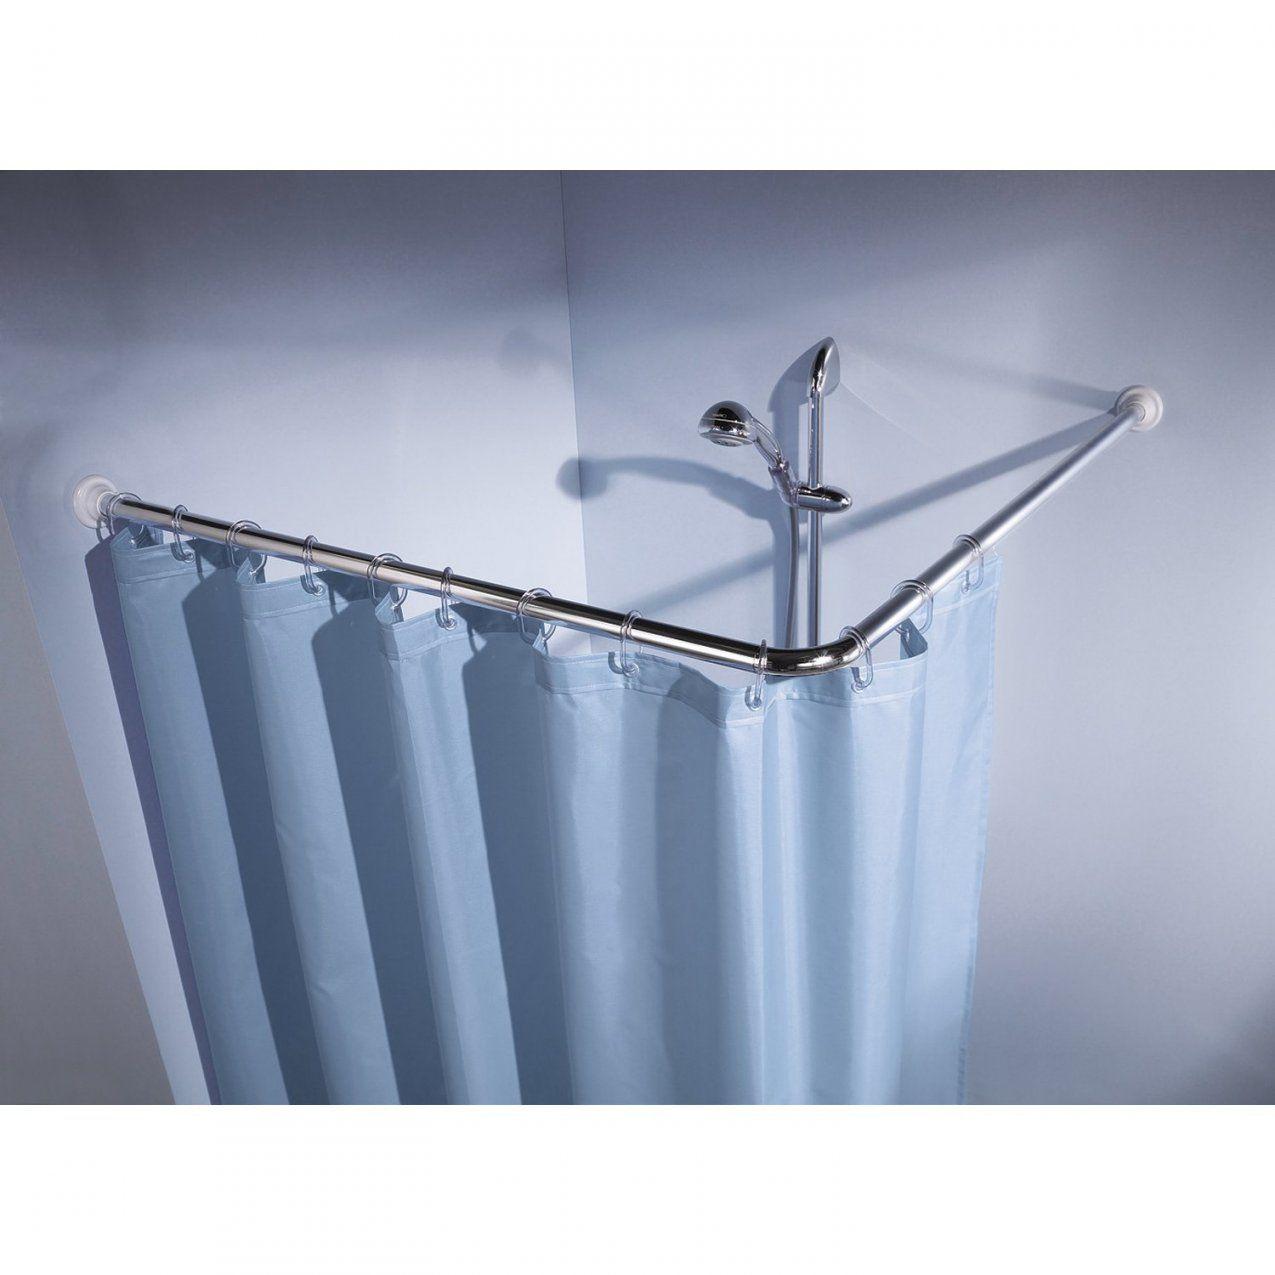 Stange Für Duschvorhang Badewanne Ao84 – Hitoiro von Duschvorhang Für Badewanne Ohne Bohren Bild